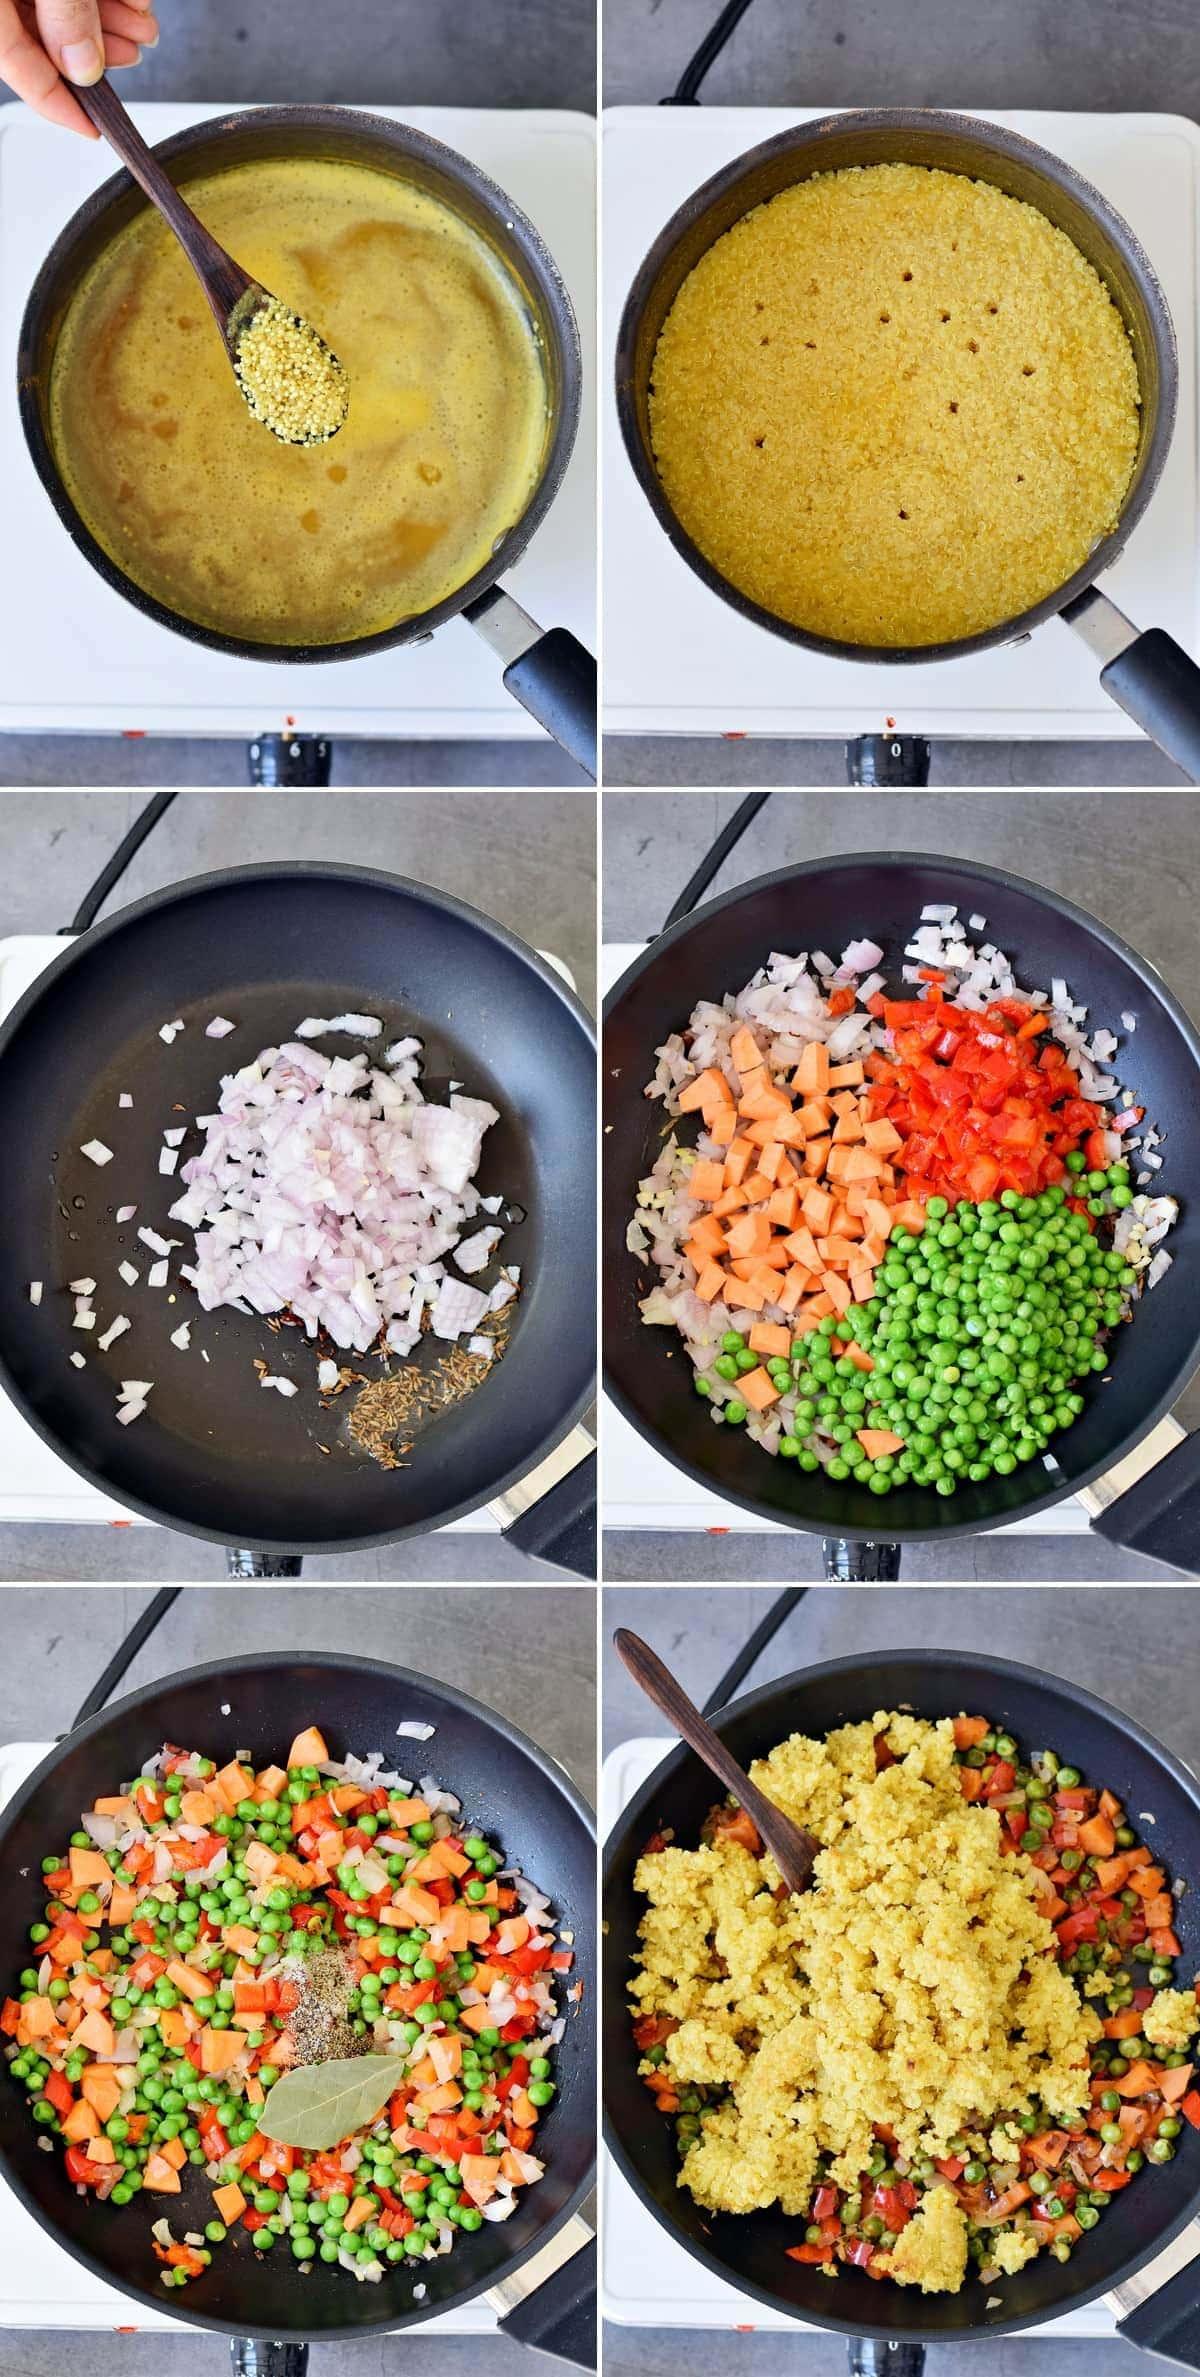 6 Schritt-für-Schritt-Fotos von der Herstellung von Quinoa mit Gemüse